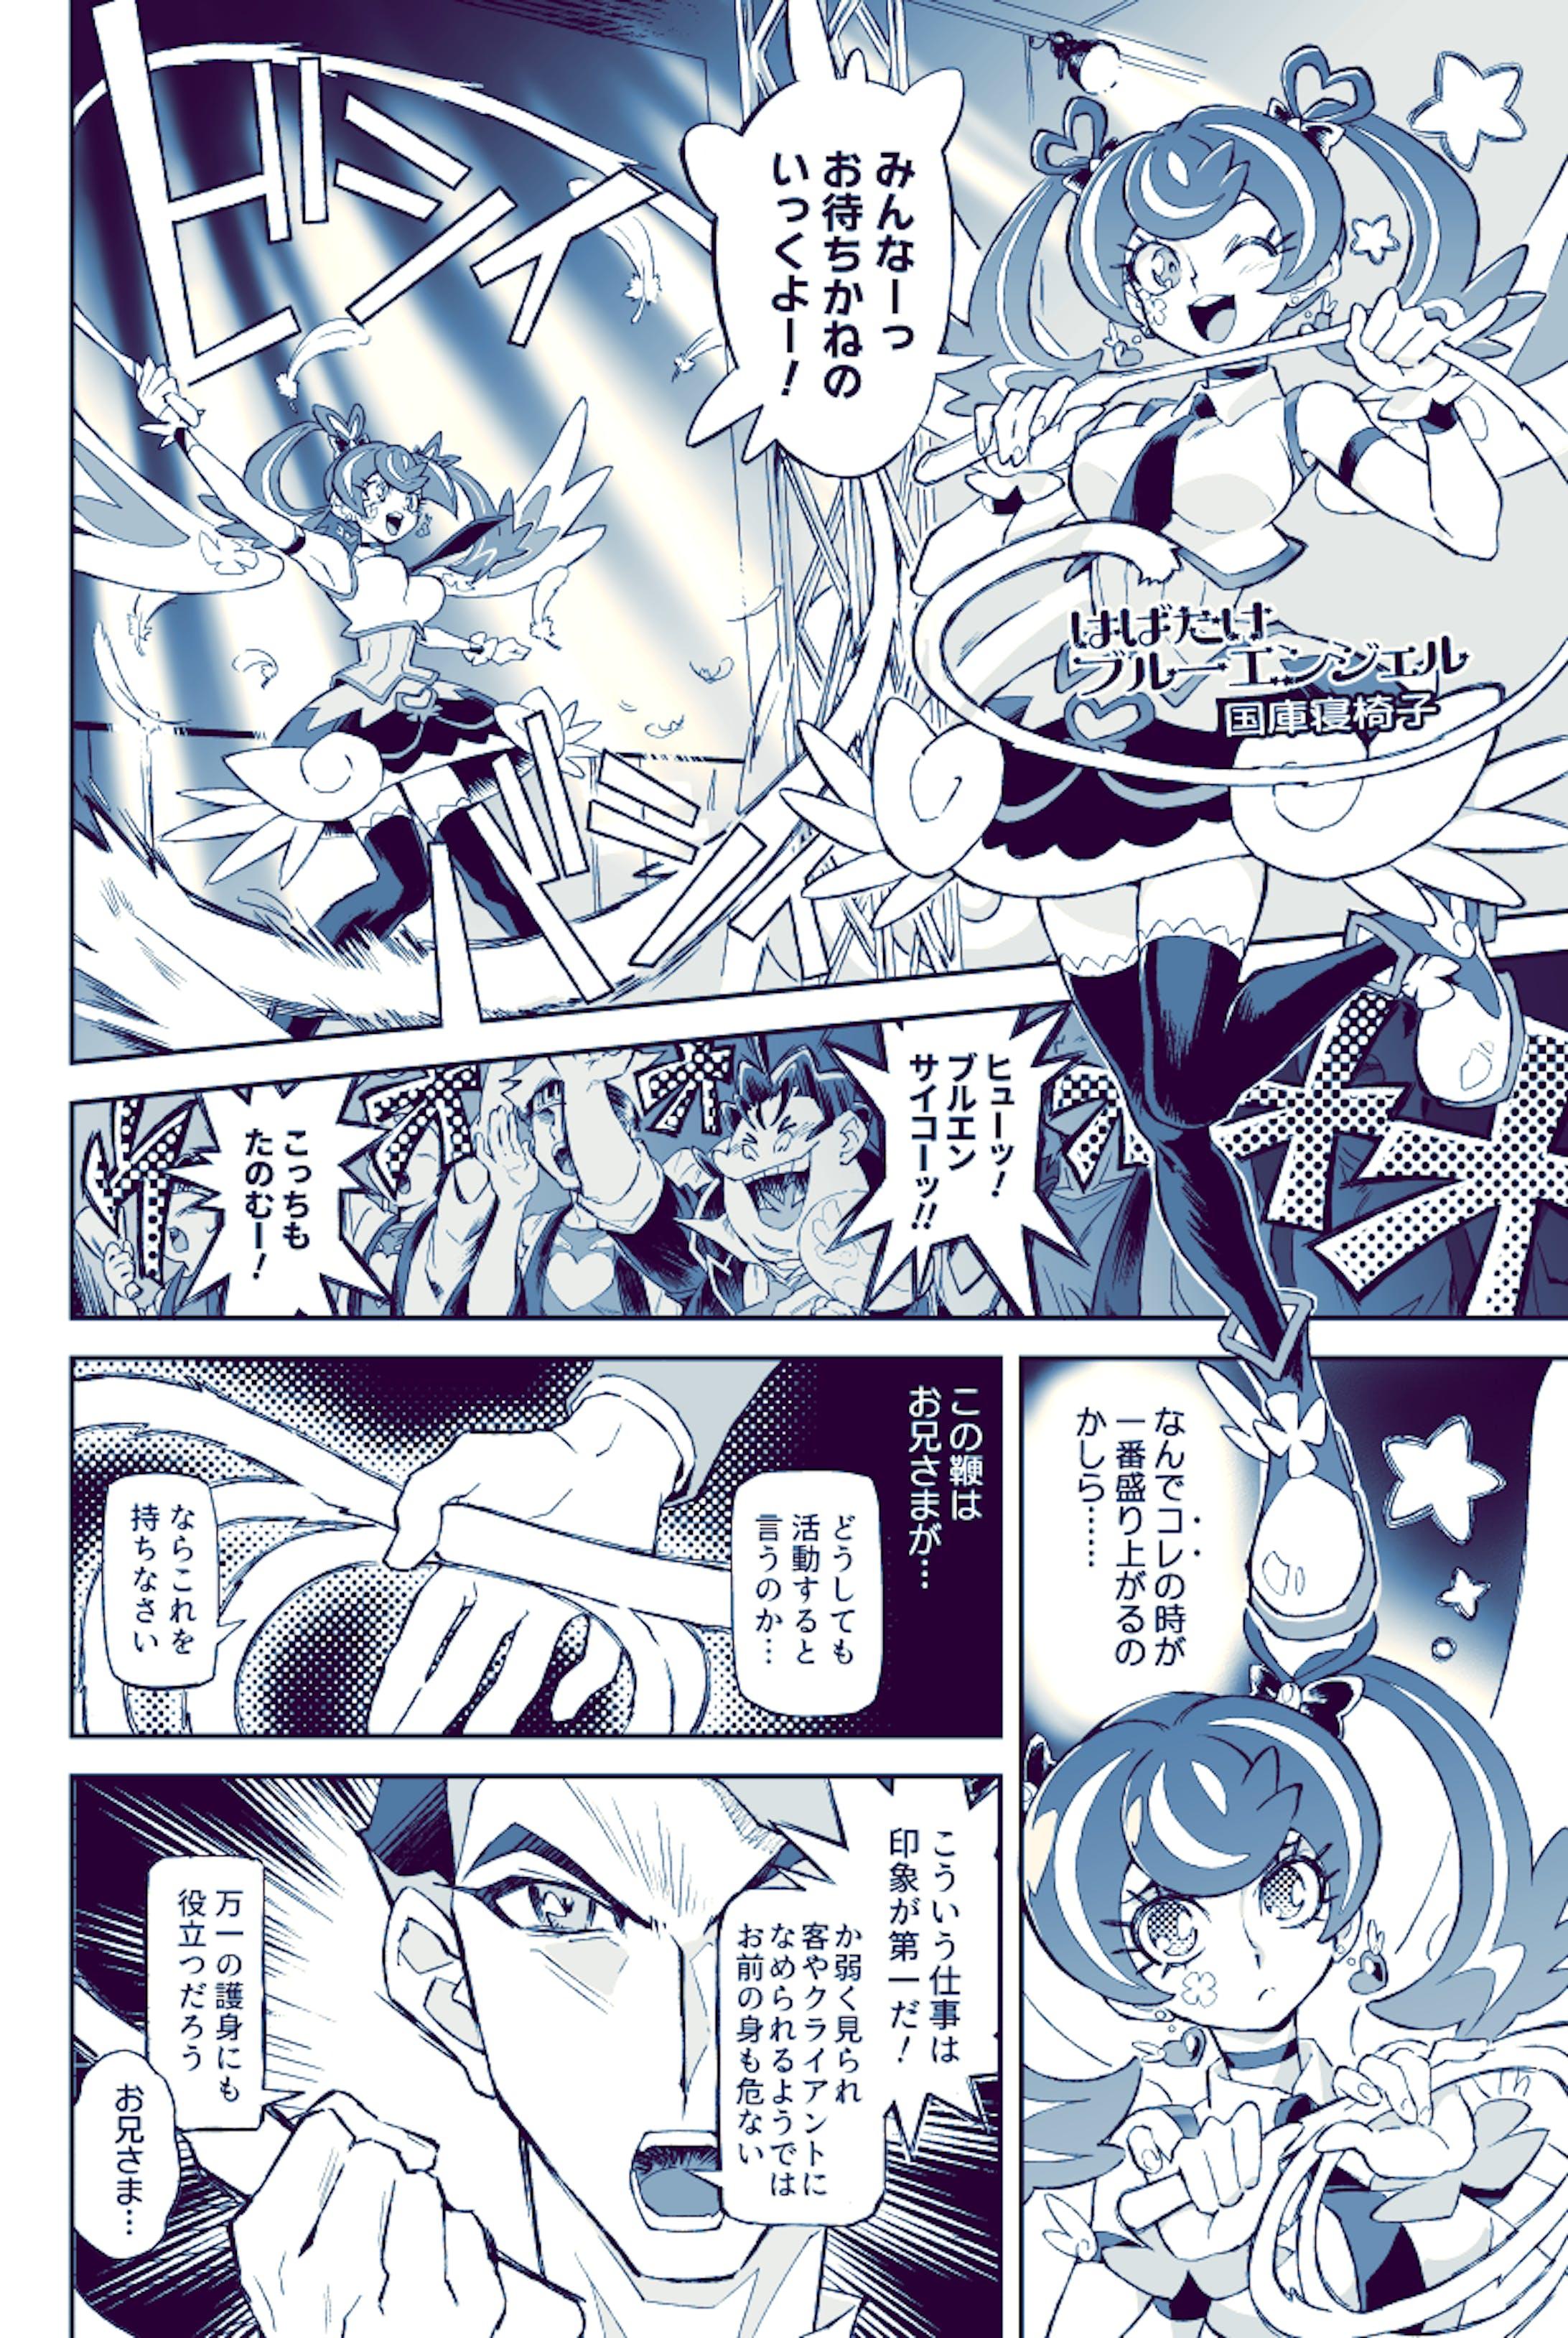 はばたけブルーエンジェル (寄稿3P)-2